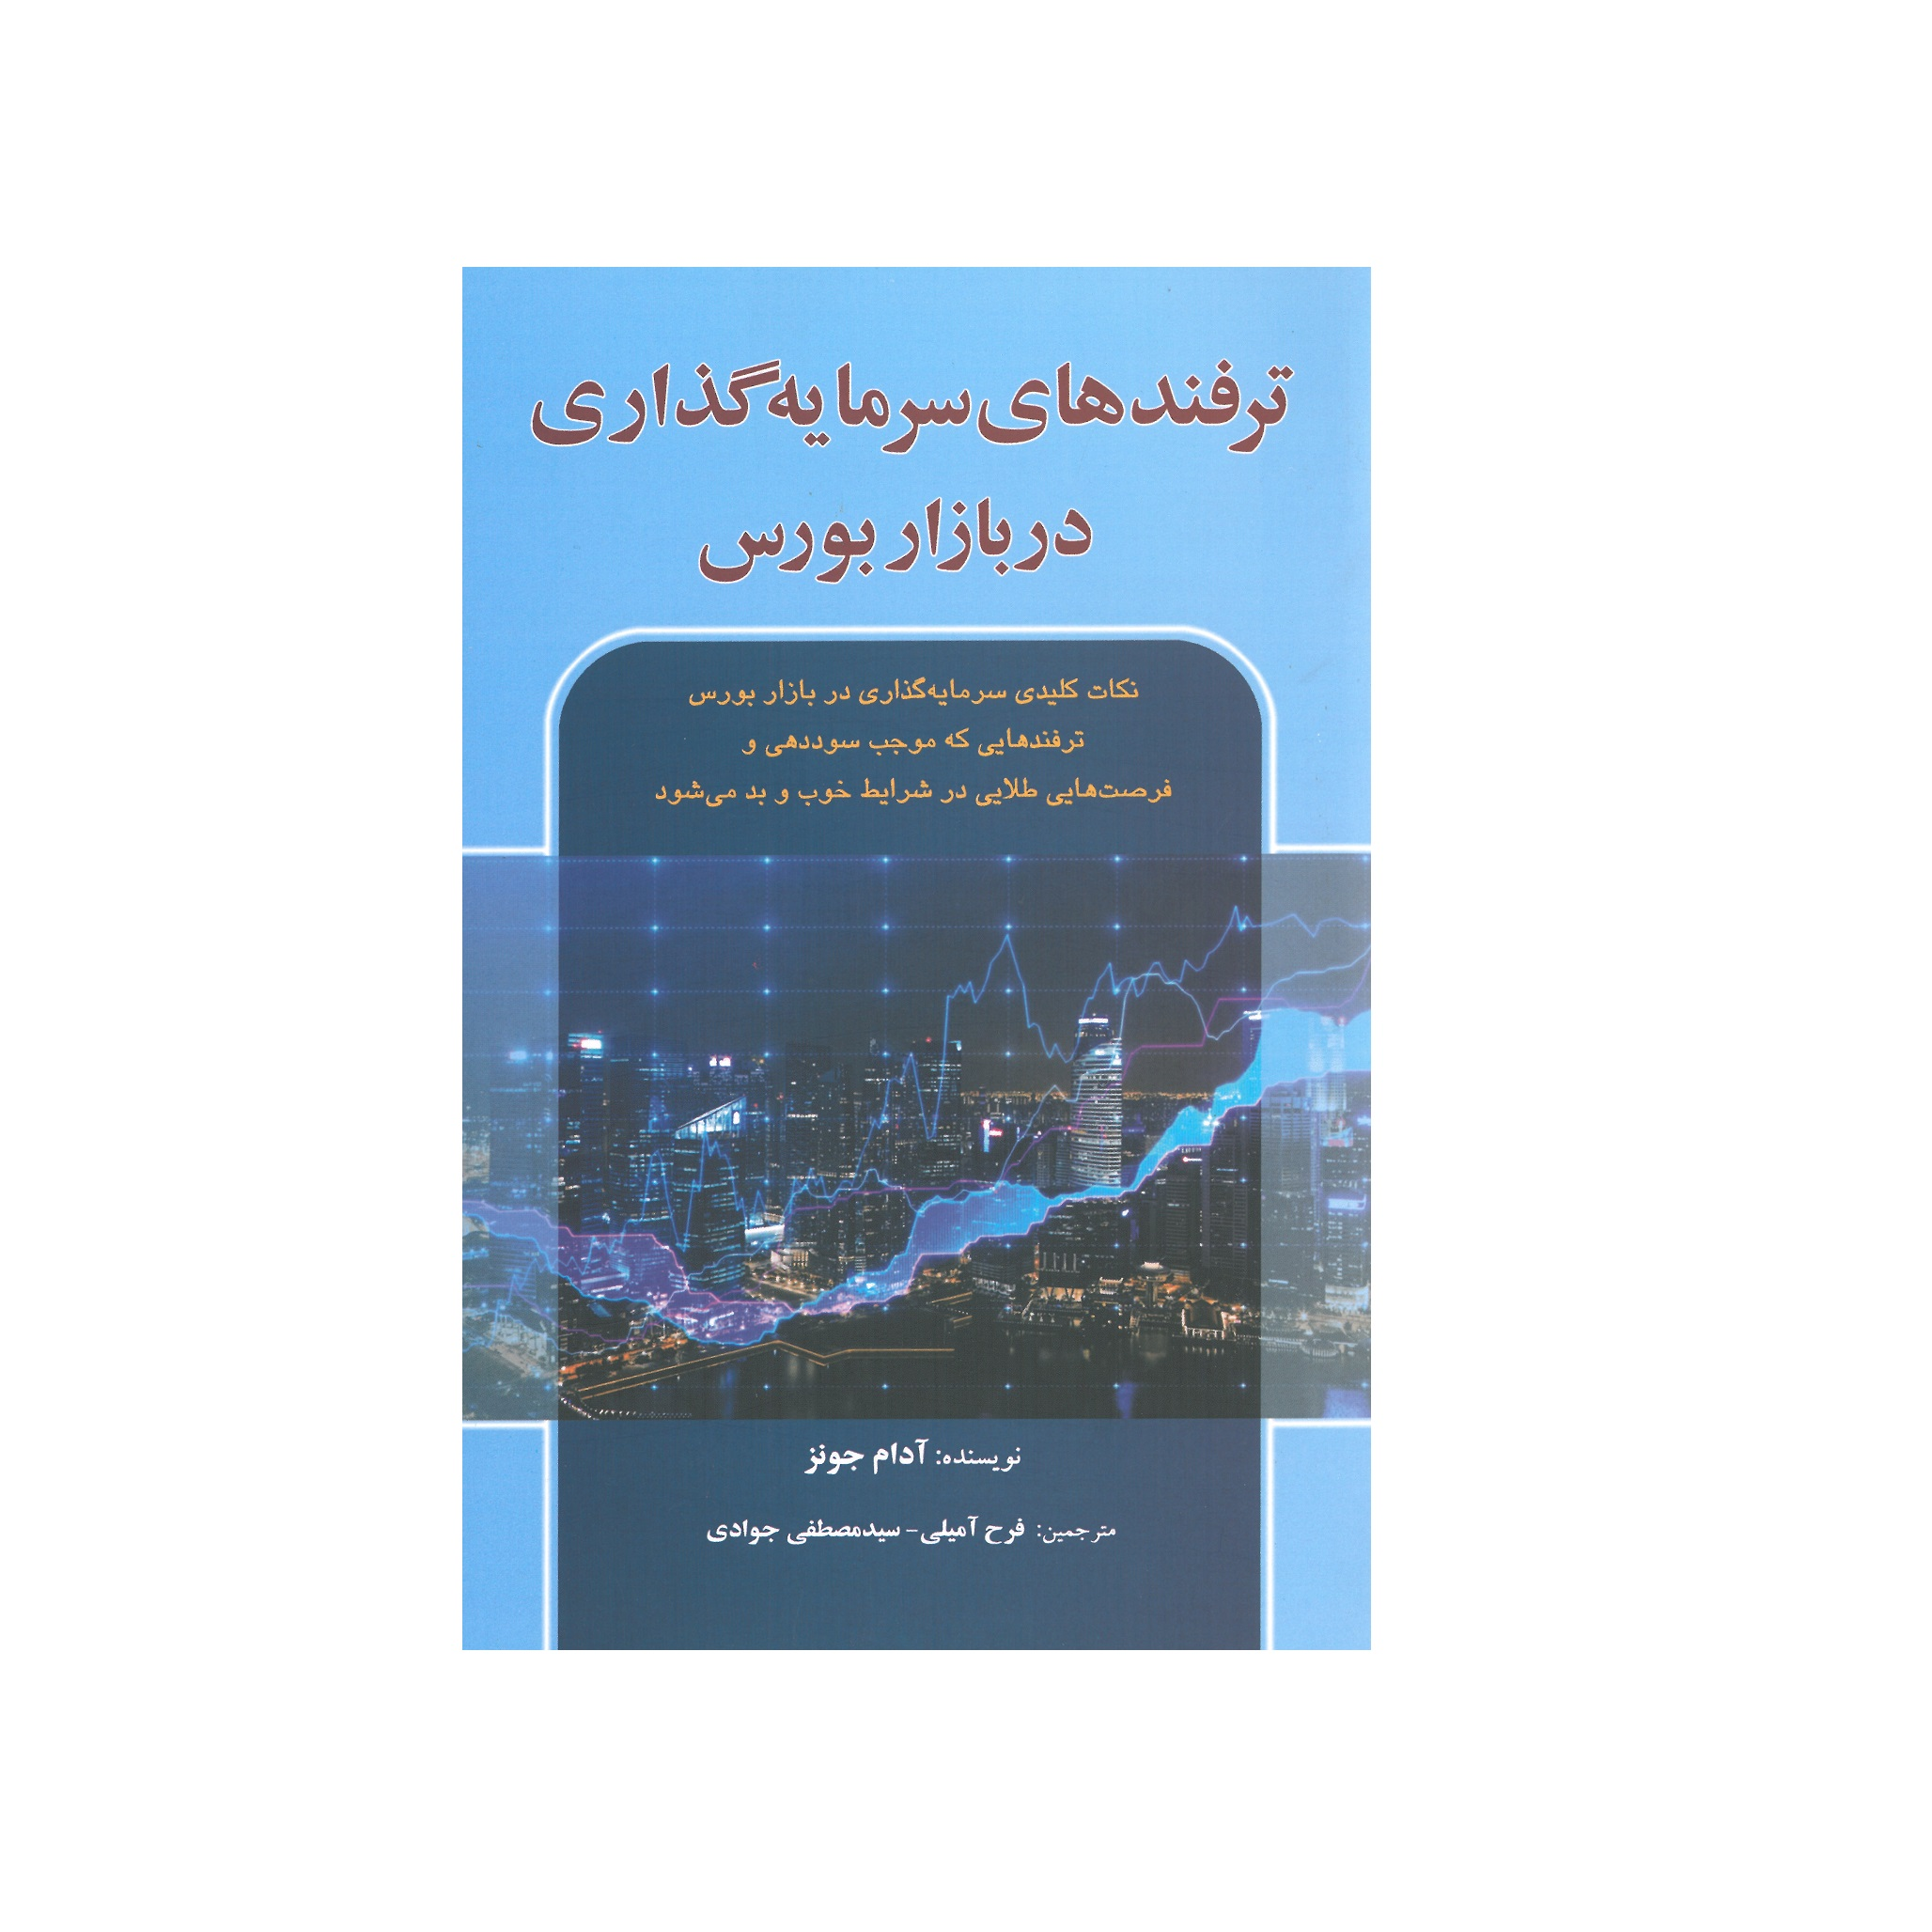 خرید                      کتاب ترفندهای سرمایه گذاری در بازار بورس اثر آدام جونز  انتشارات آذرین مهر